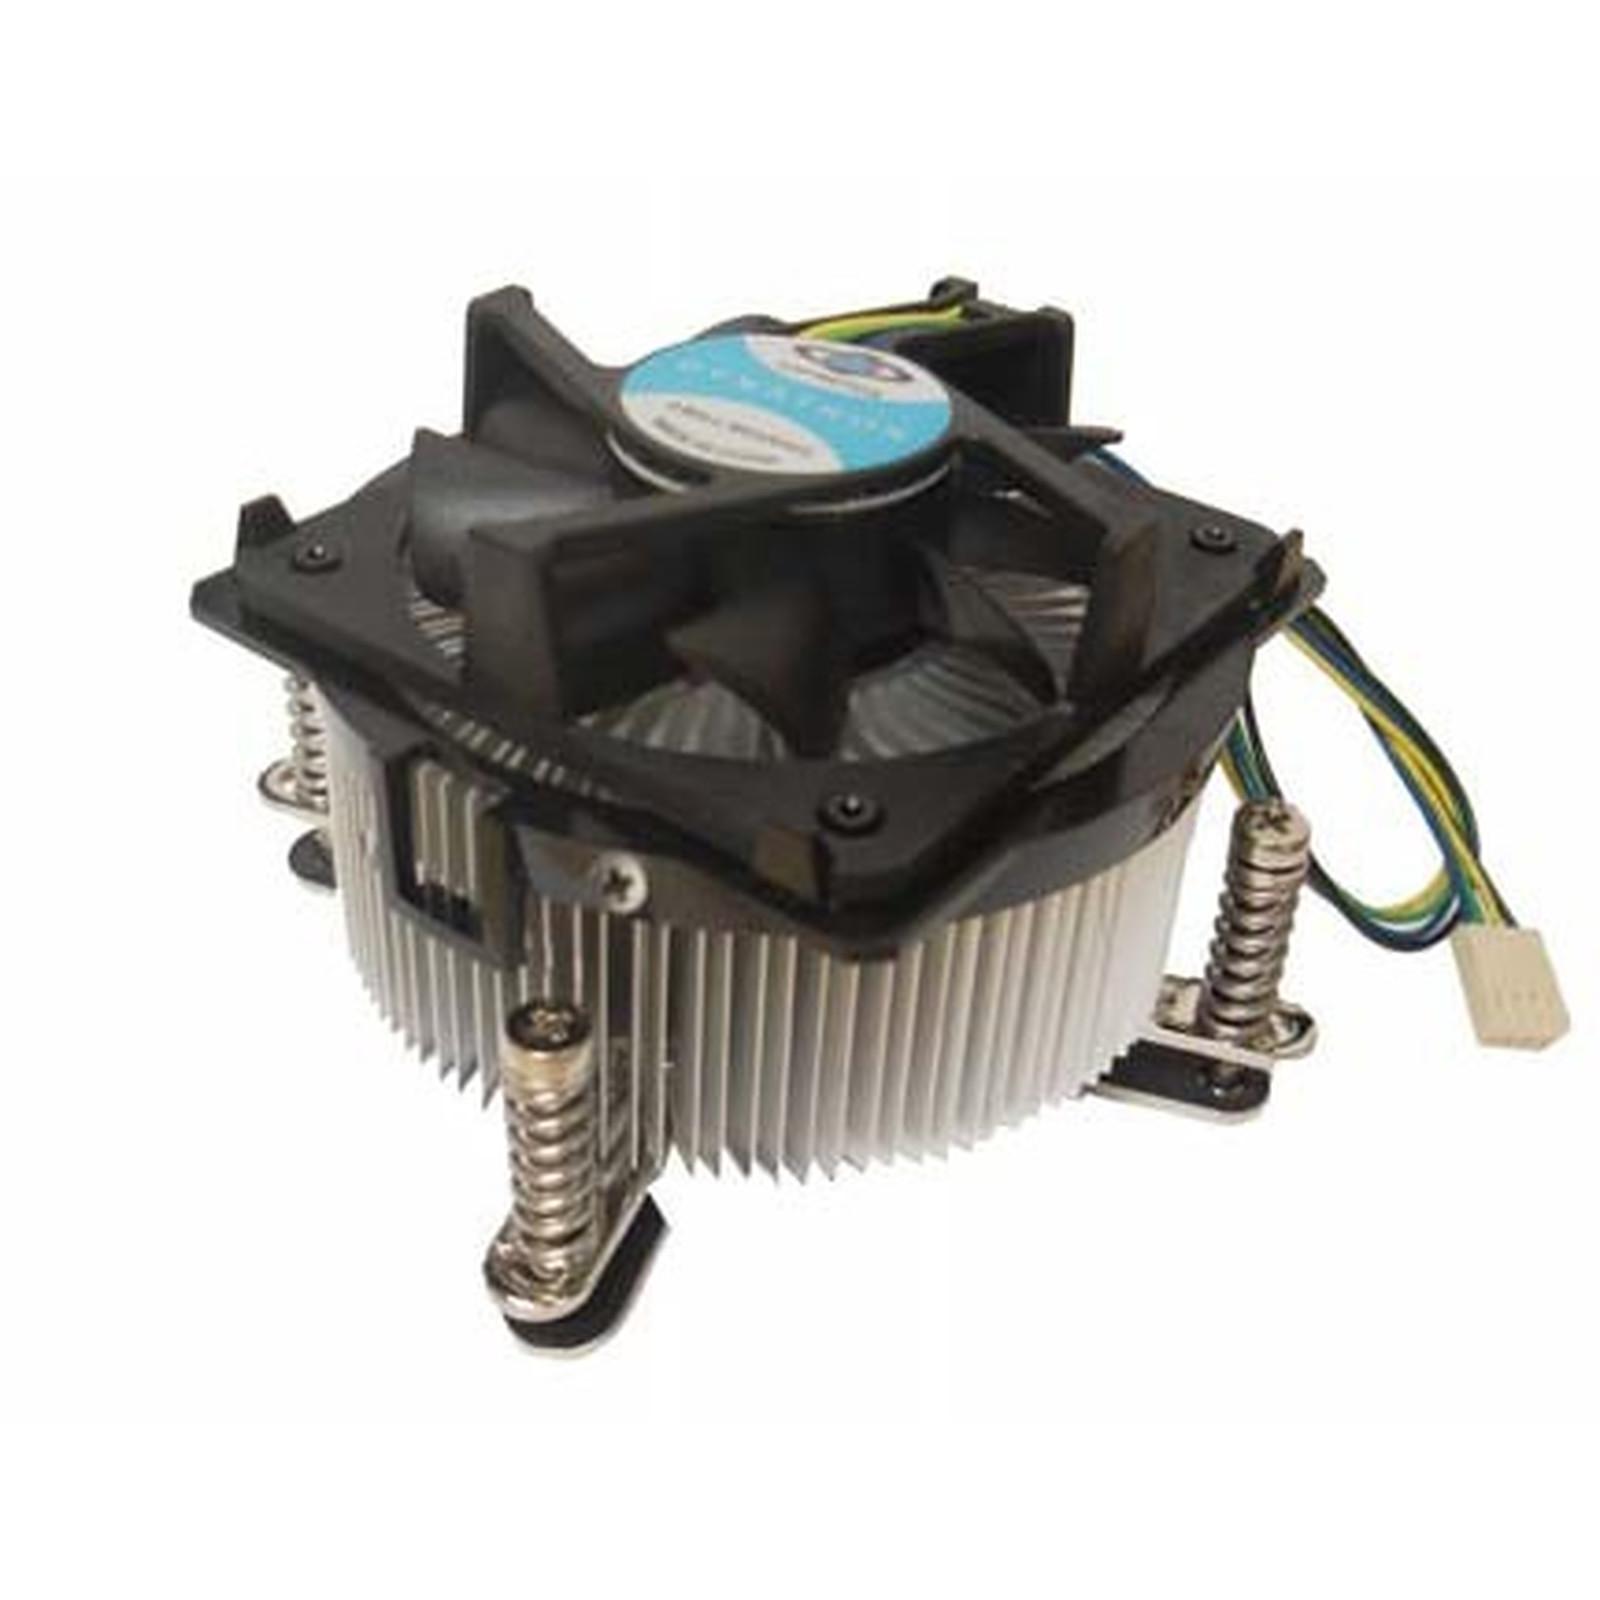 Dynatron K785 (socket Intel 1155/1156)